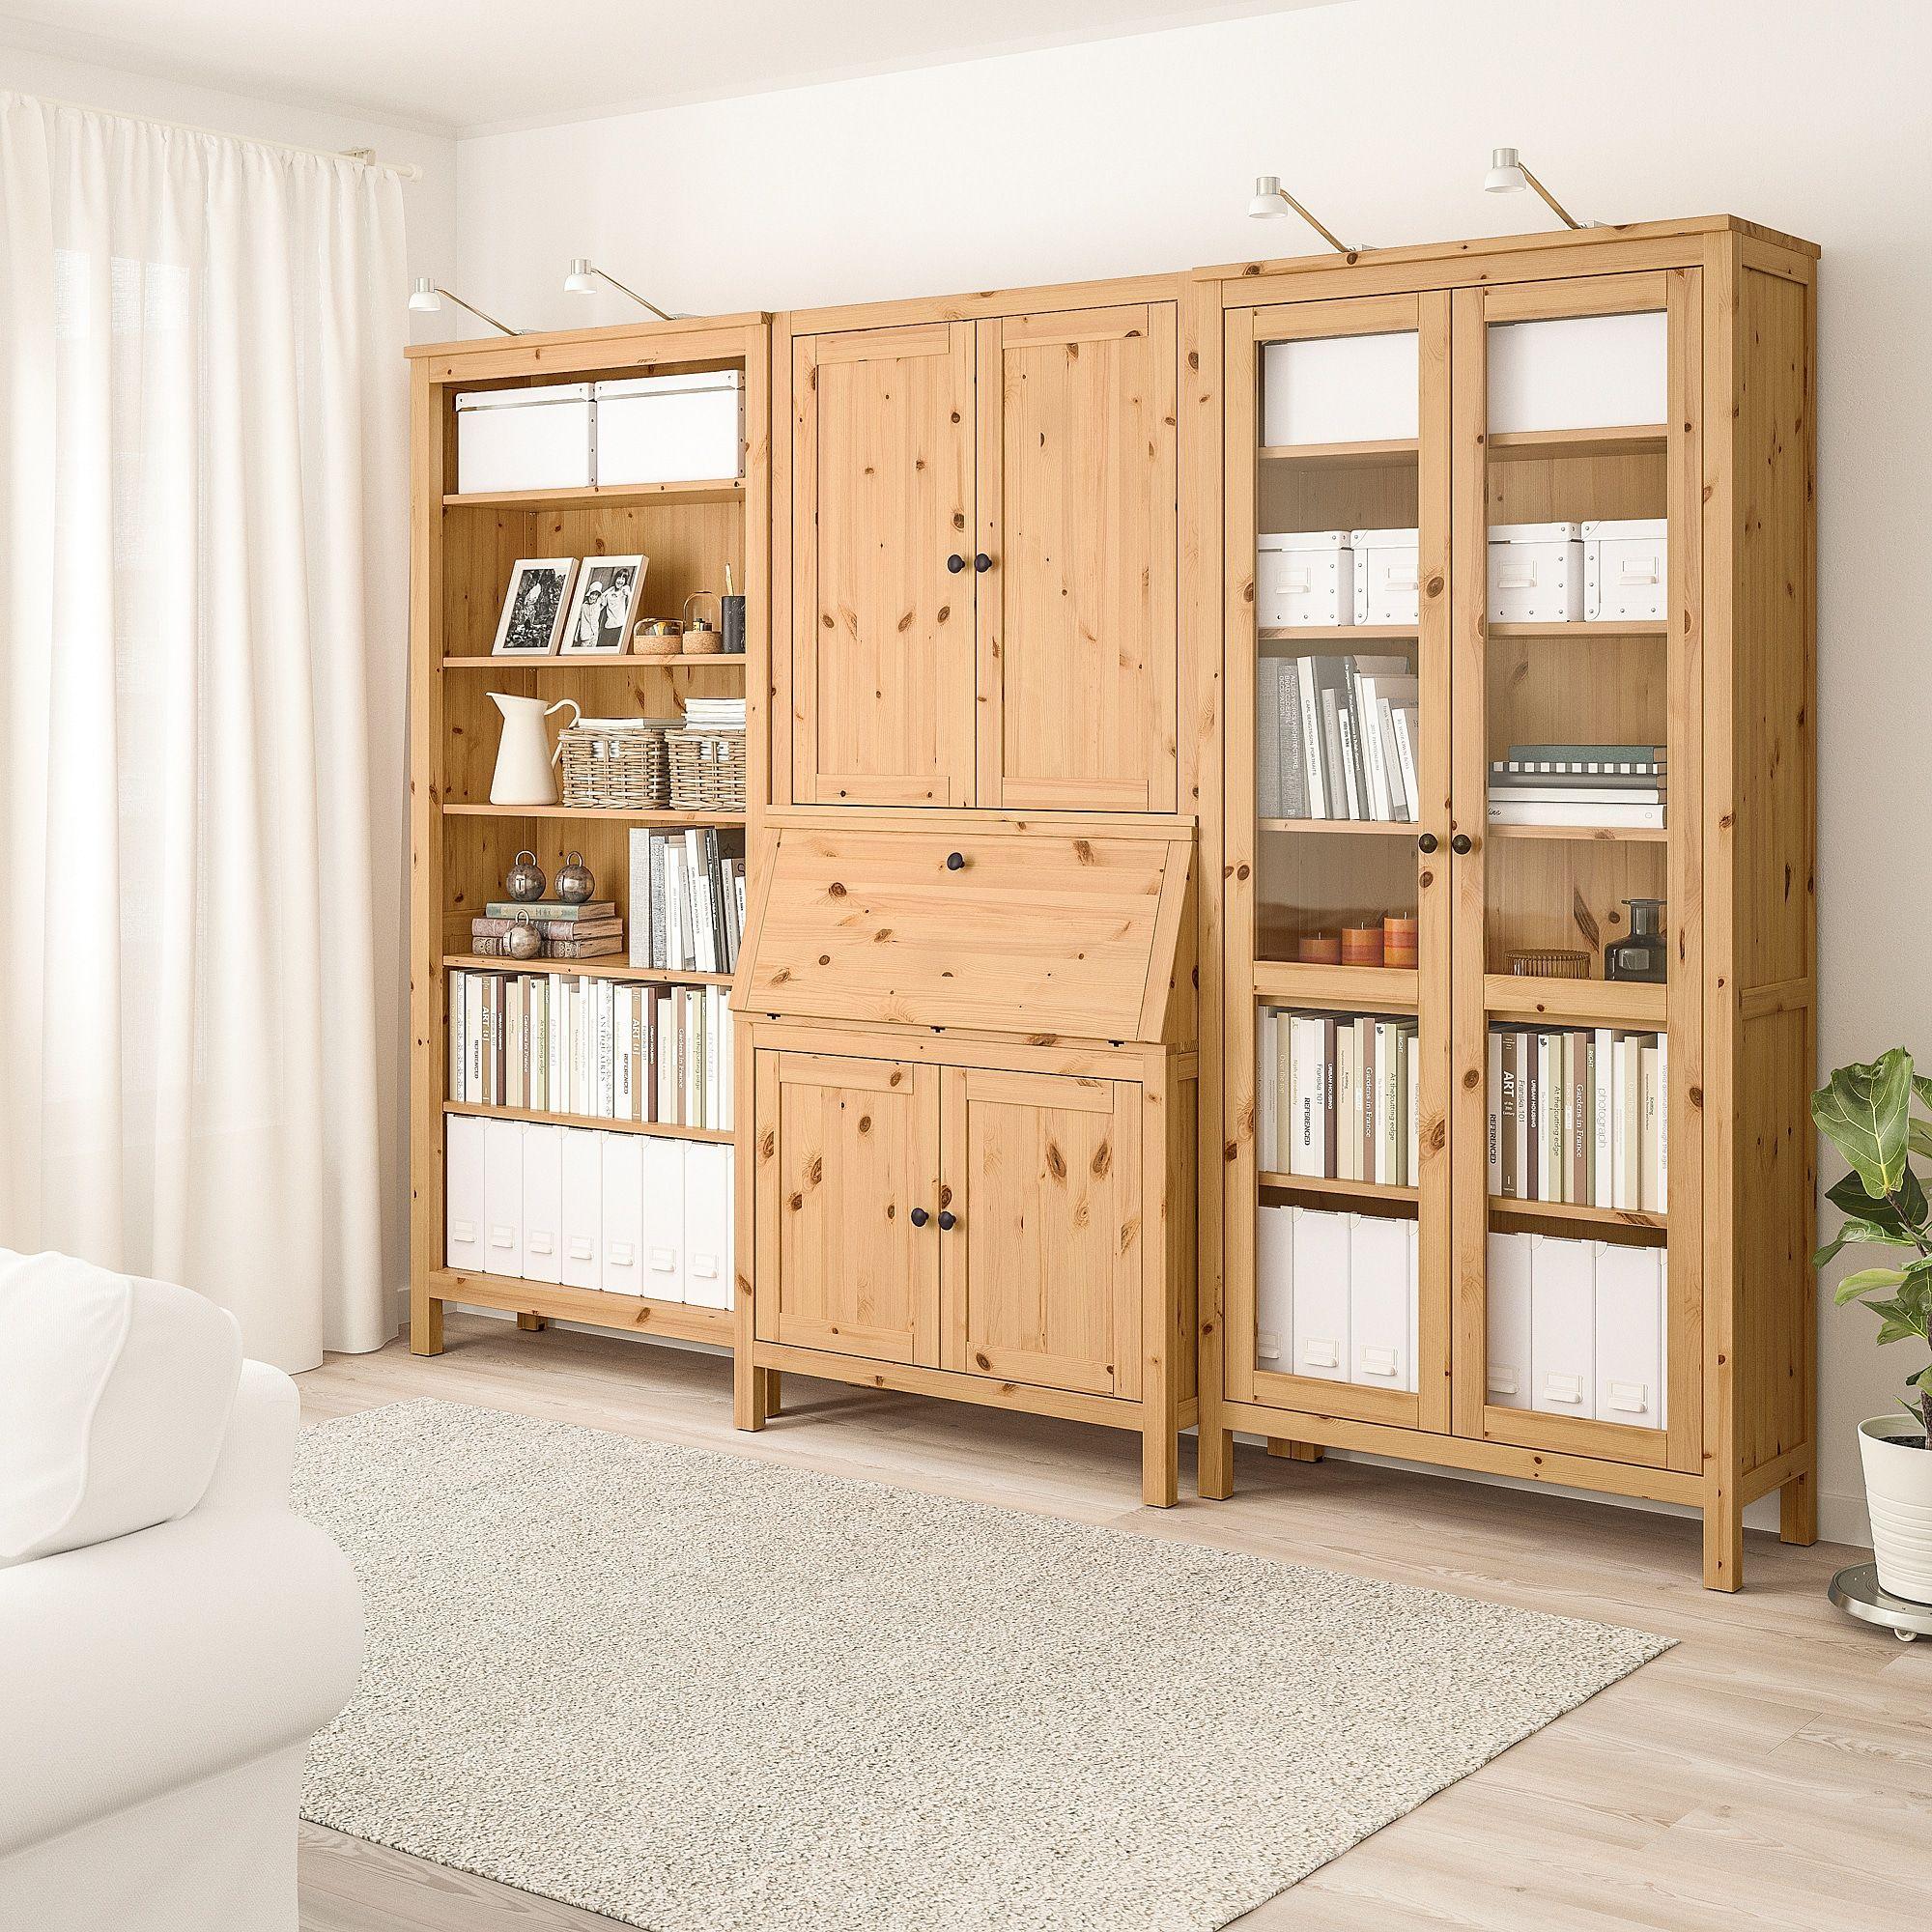 HEMNES Sekretär mit Aufsatz und Regal - hellbraun/Glas - IKEA